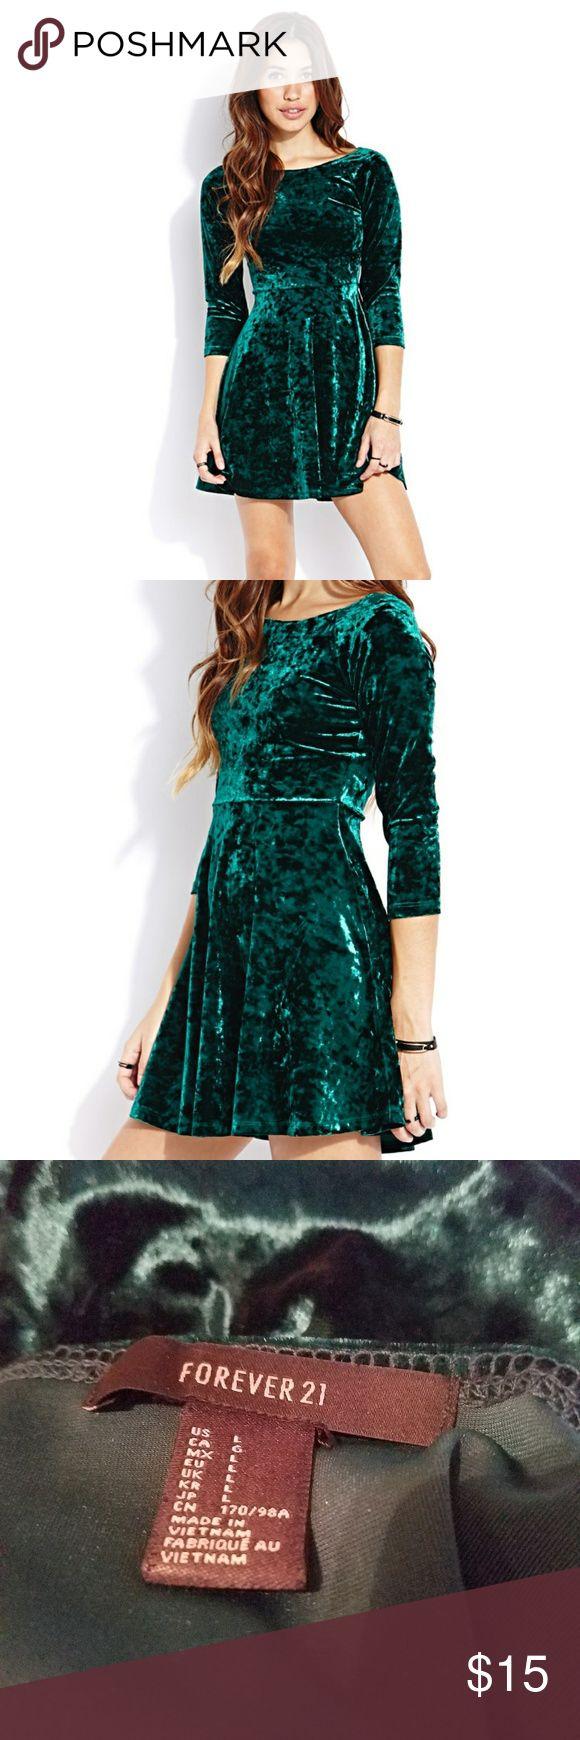 Forever21 emerald green crushed velvet dress Skater dress style nwot Forever 21 Dresses Midi